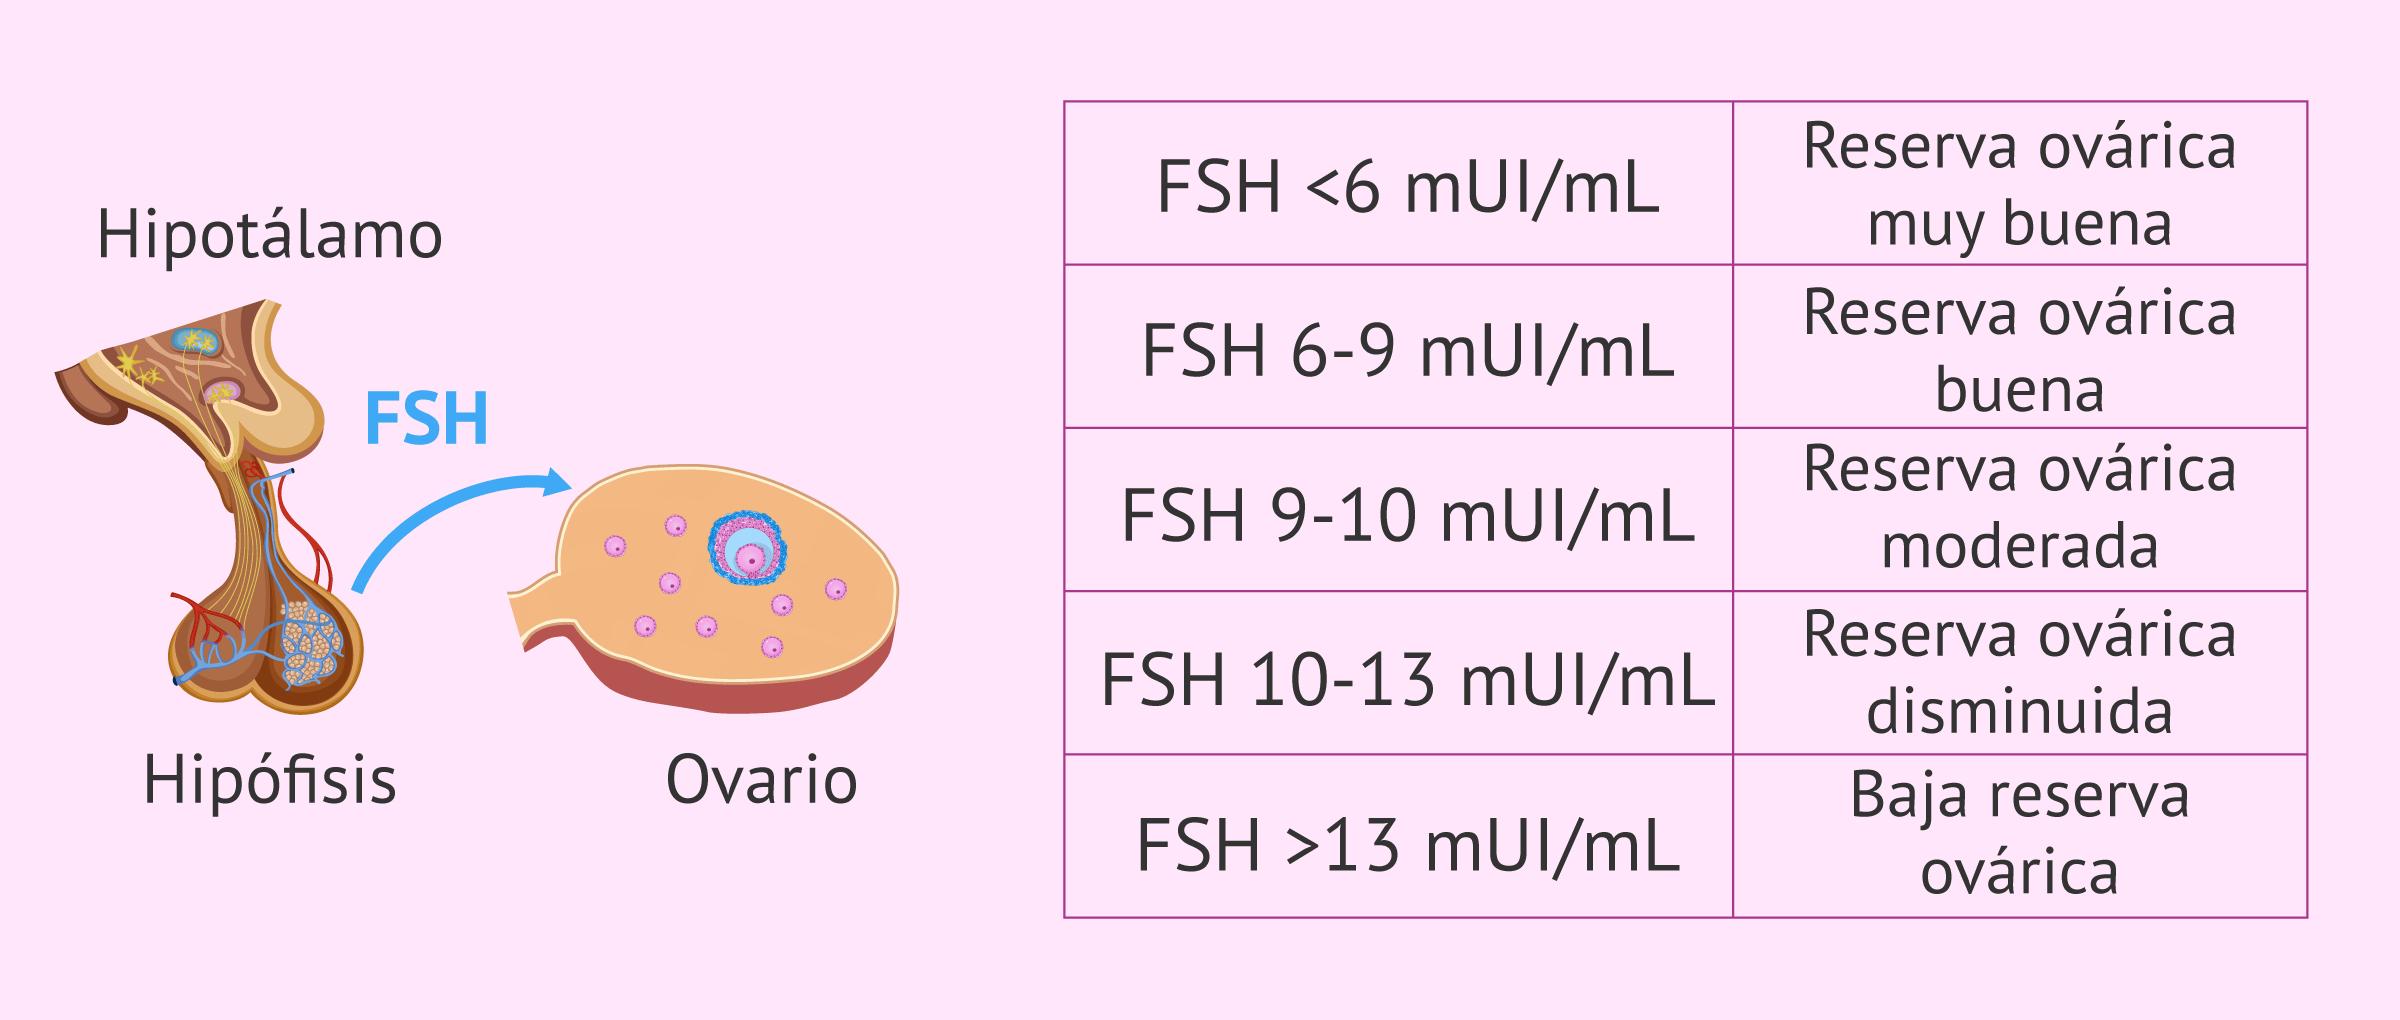 Relación entre la FSH y la reserva ovárica